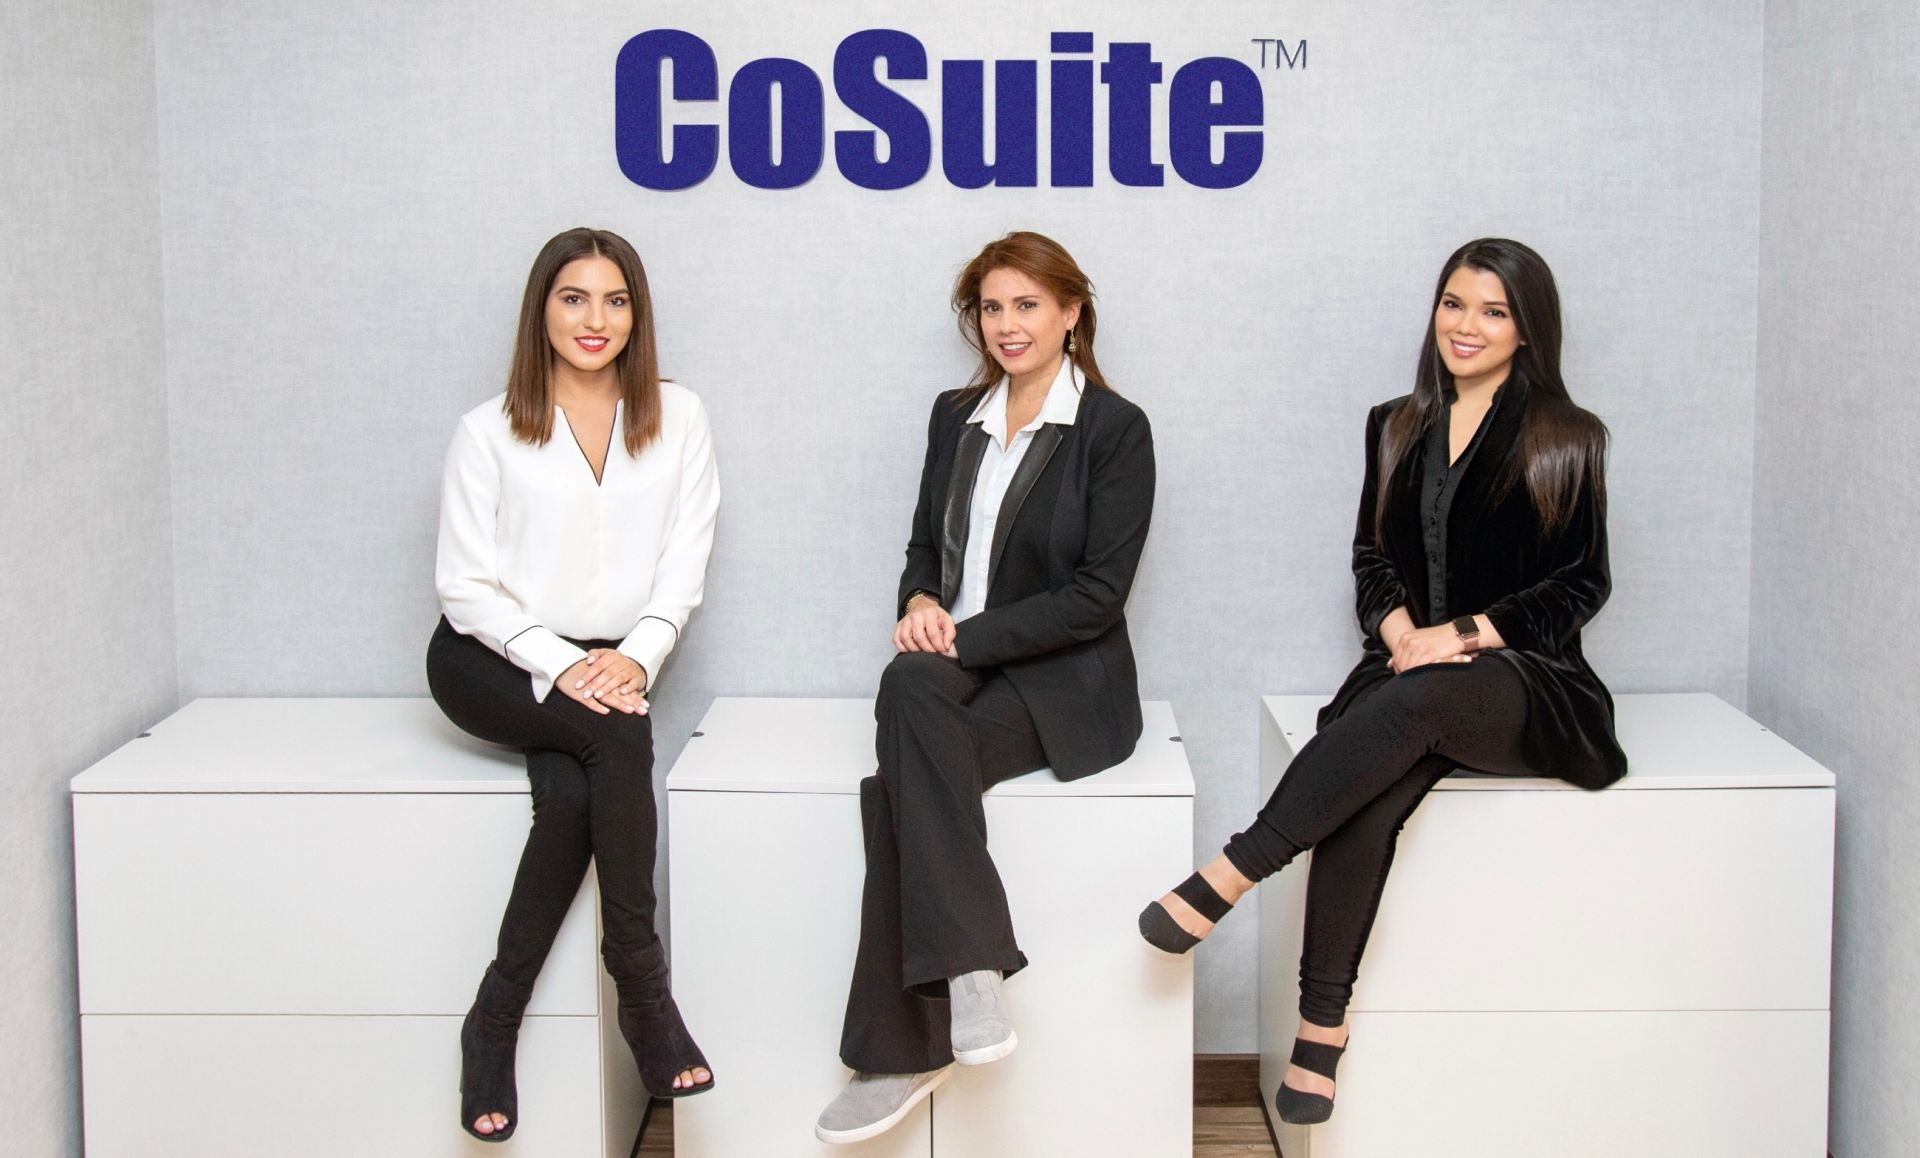 CoSuite™, Boca Raton